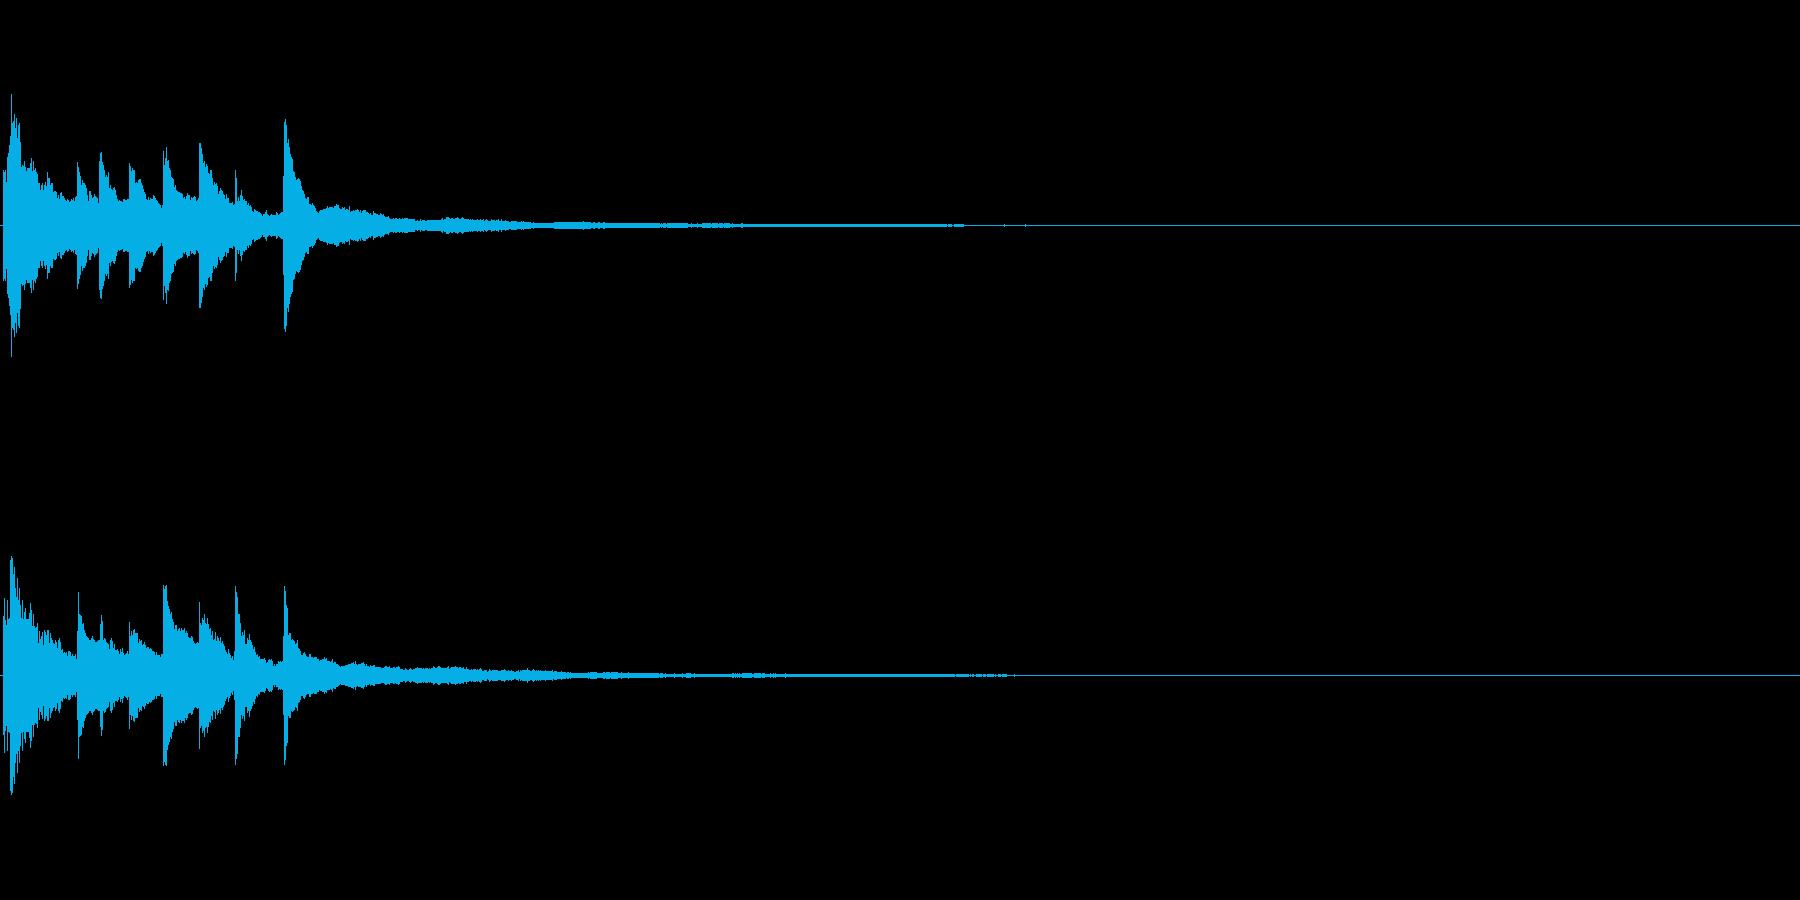 ピアノソロサウンドロゴ 優雅 大人 06の再生済みの波形